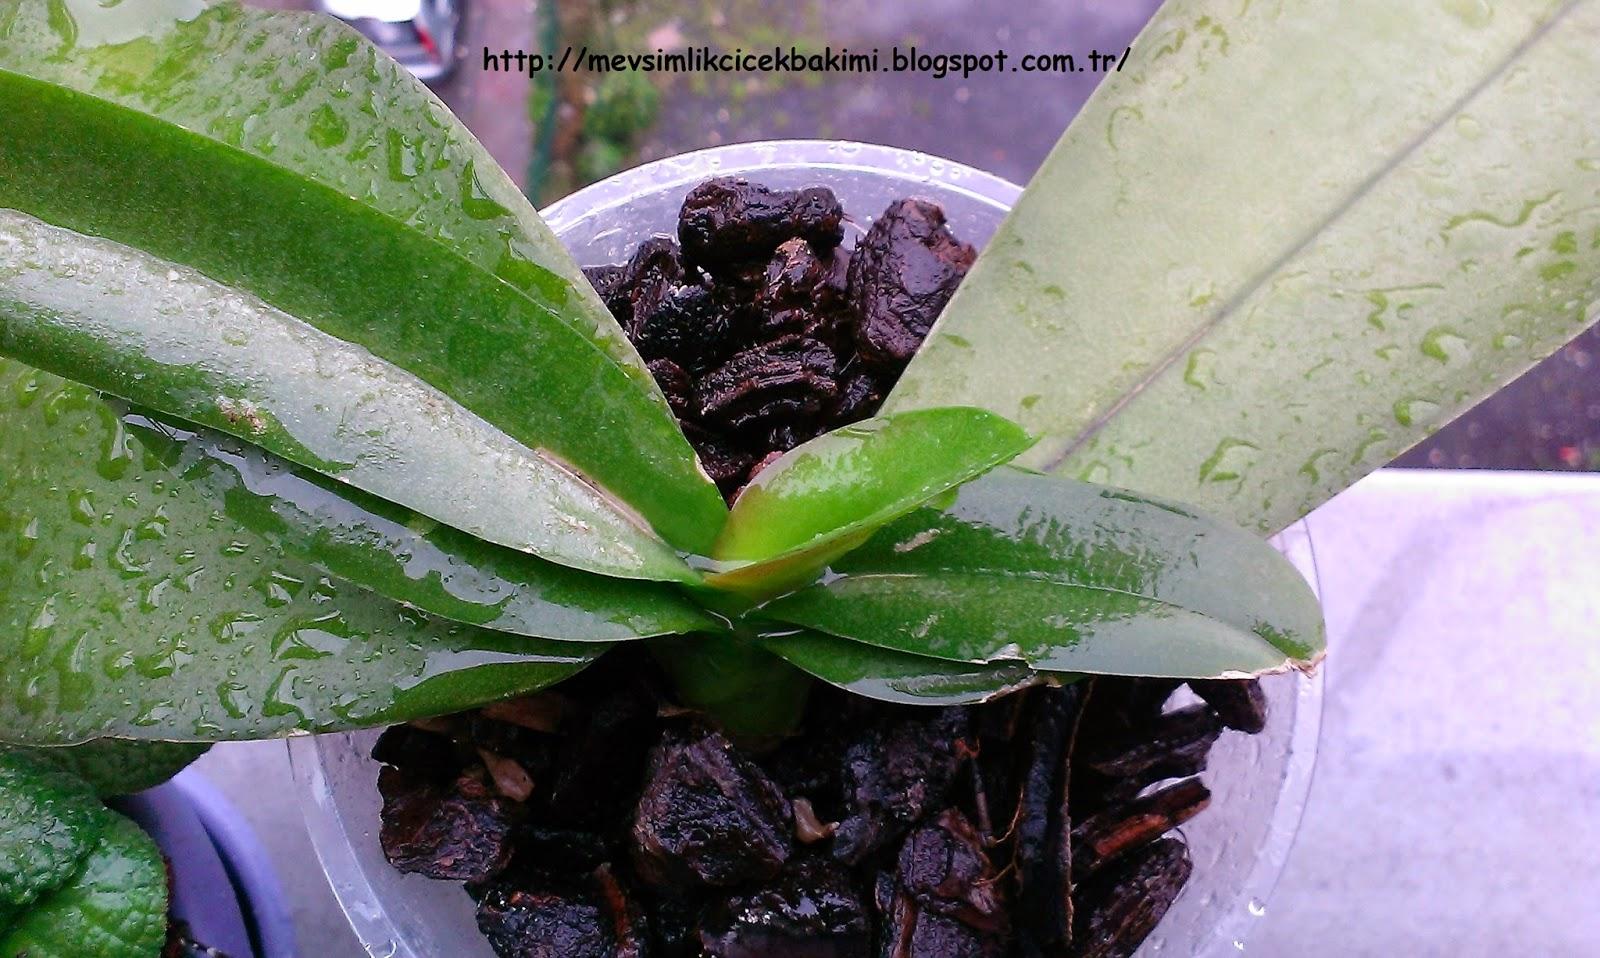 Yapraklar neden bir orkide sararır